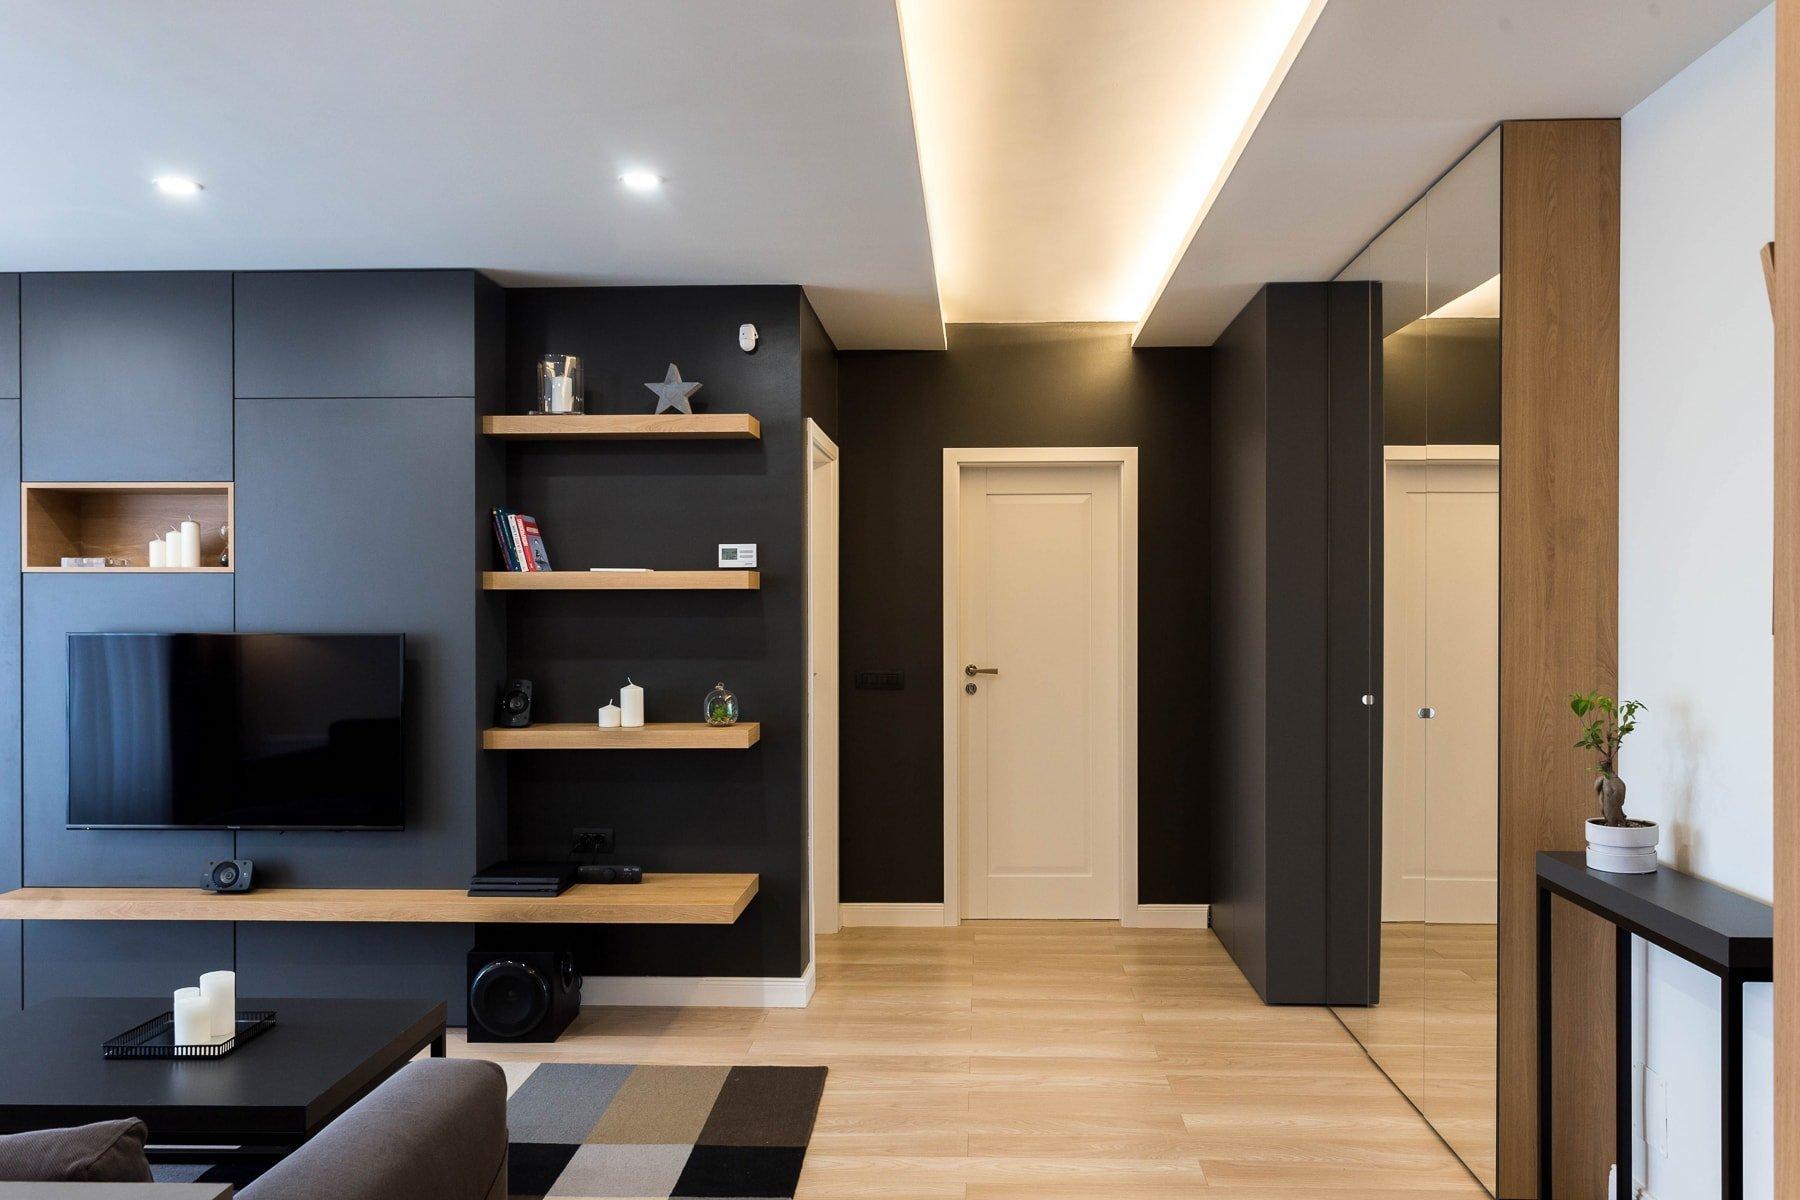 Dnes nahlédneme do luxusního interiéru s černou stěnou, jehož autorem je designové studio Davidsign. S převažující černou a krémově hnědou barvou je spolu s bílými, šedými a stříbřitými akcenty ideálním bydlením pro všechny, kteří milují kombinaci těchto barev, ale také čisté linie a dotek luxusu.